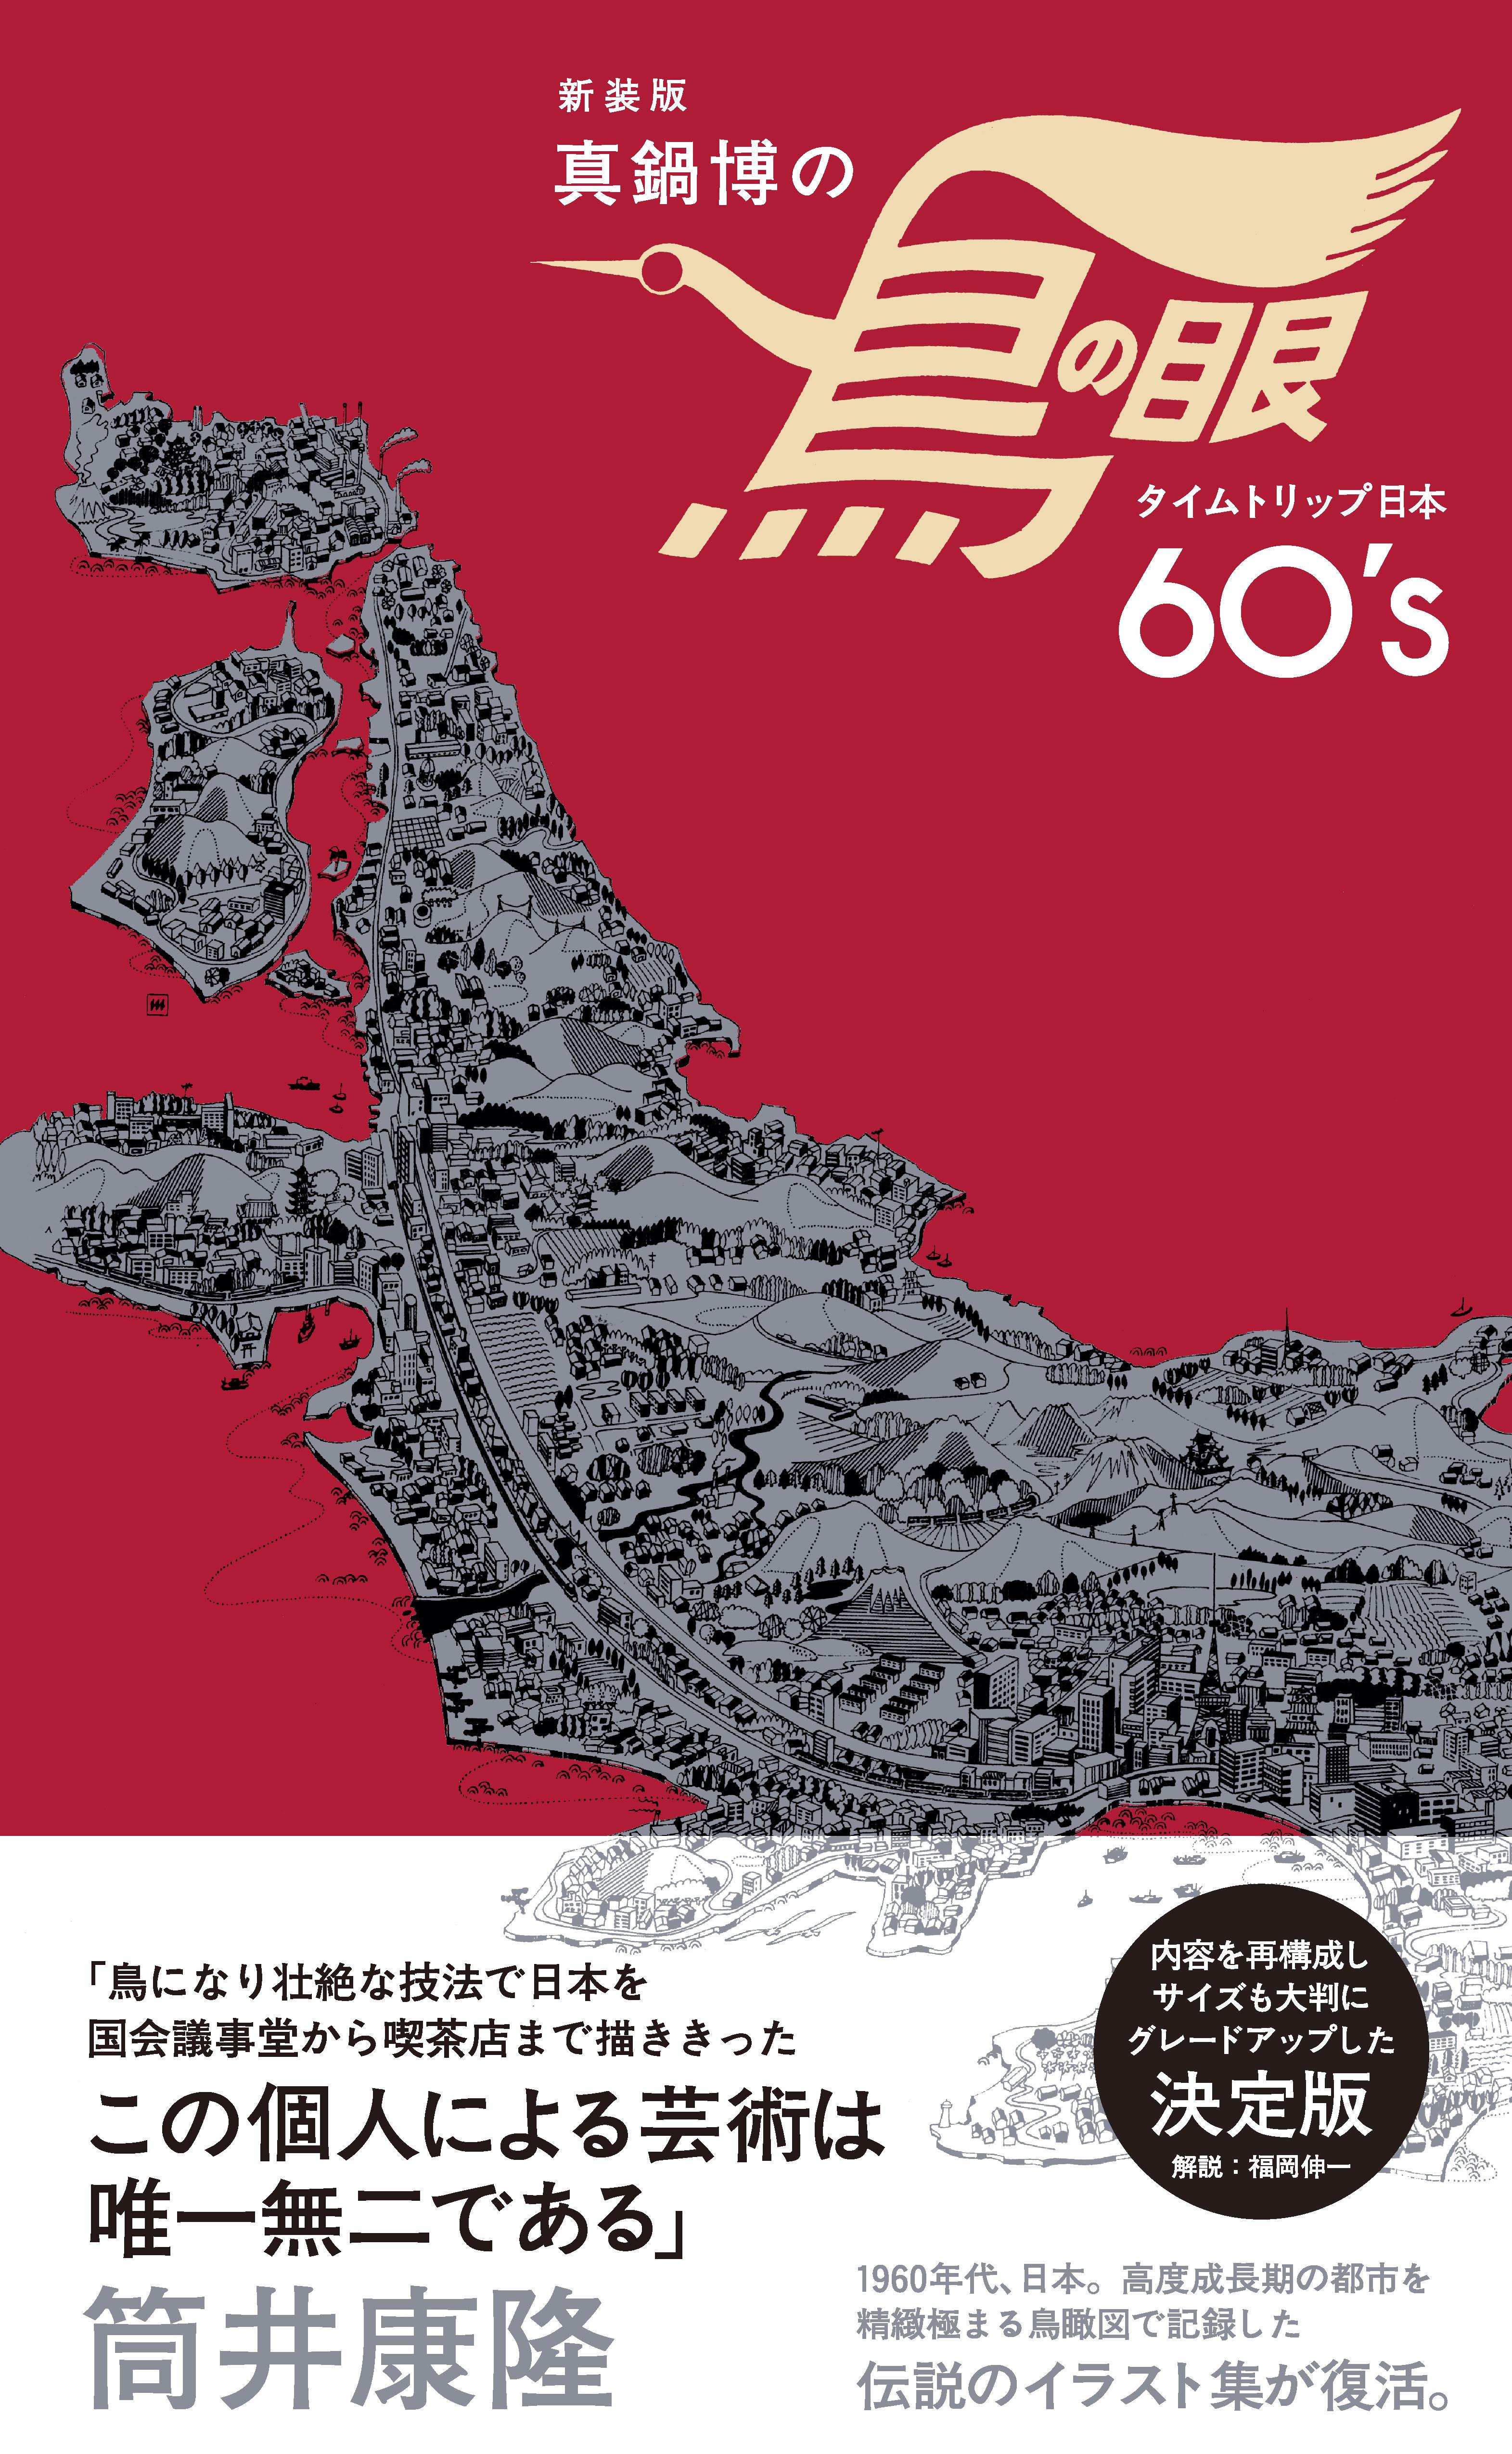 書影:新装版 真鍋博の鳥の眼 タイムトリップ日本60'S